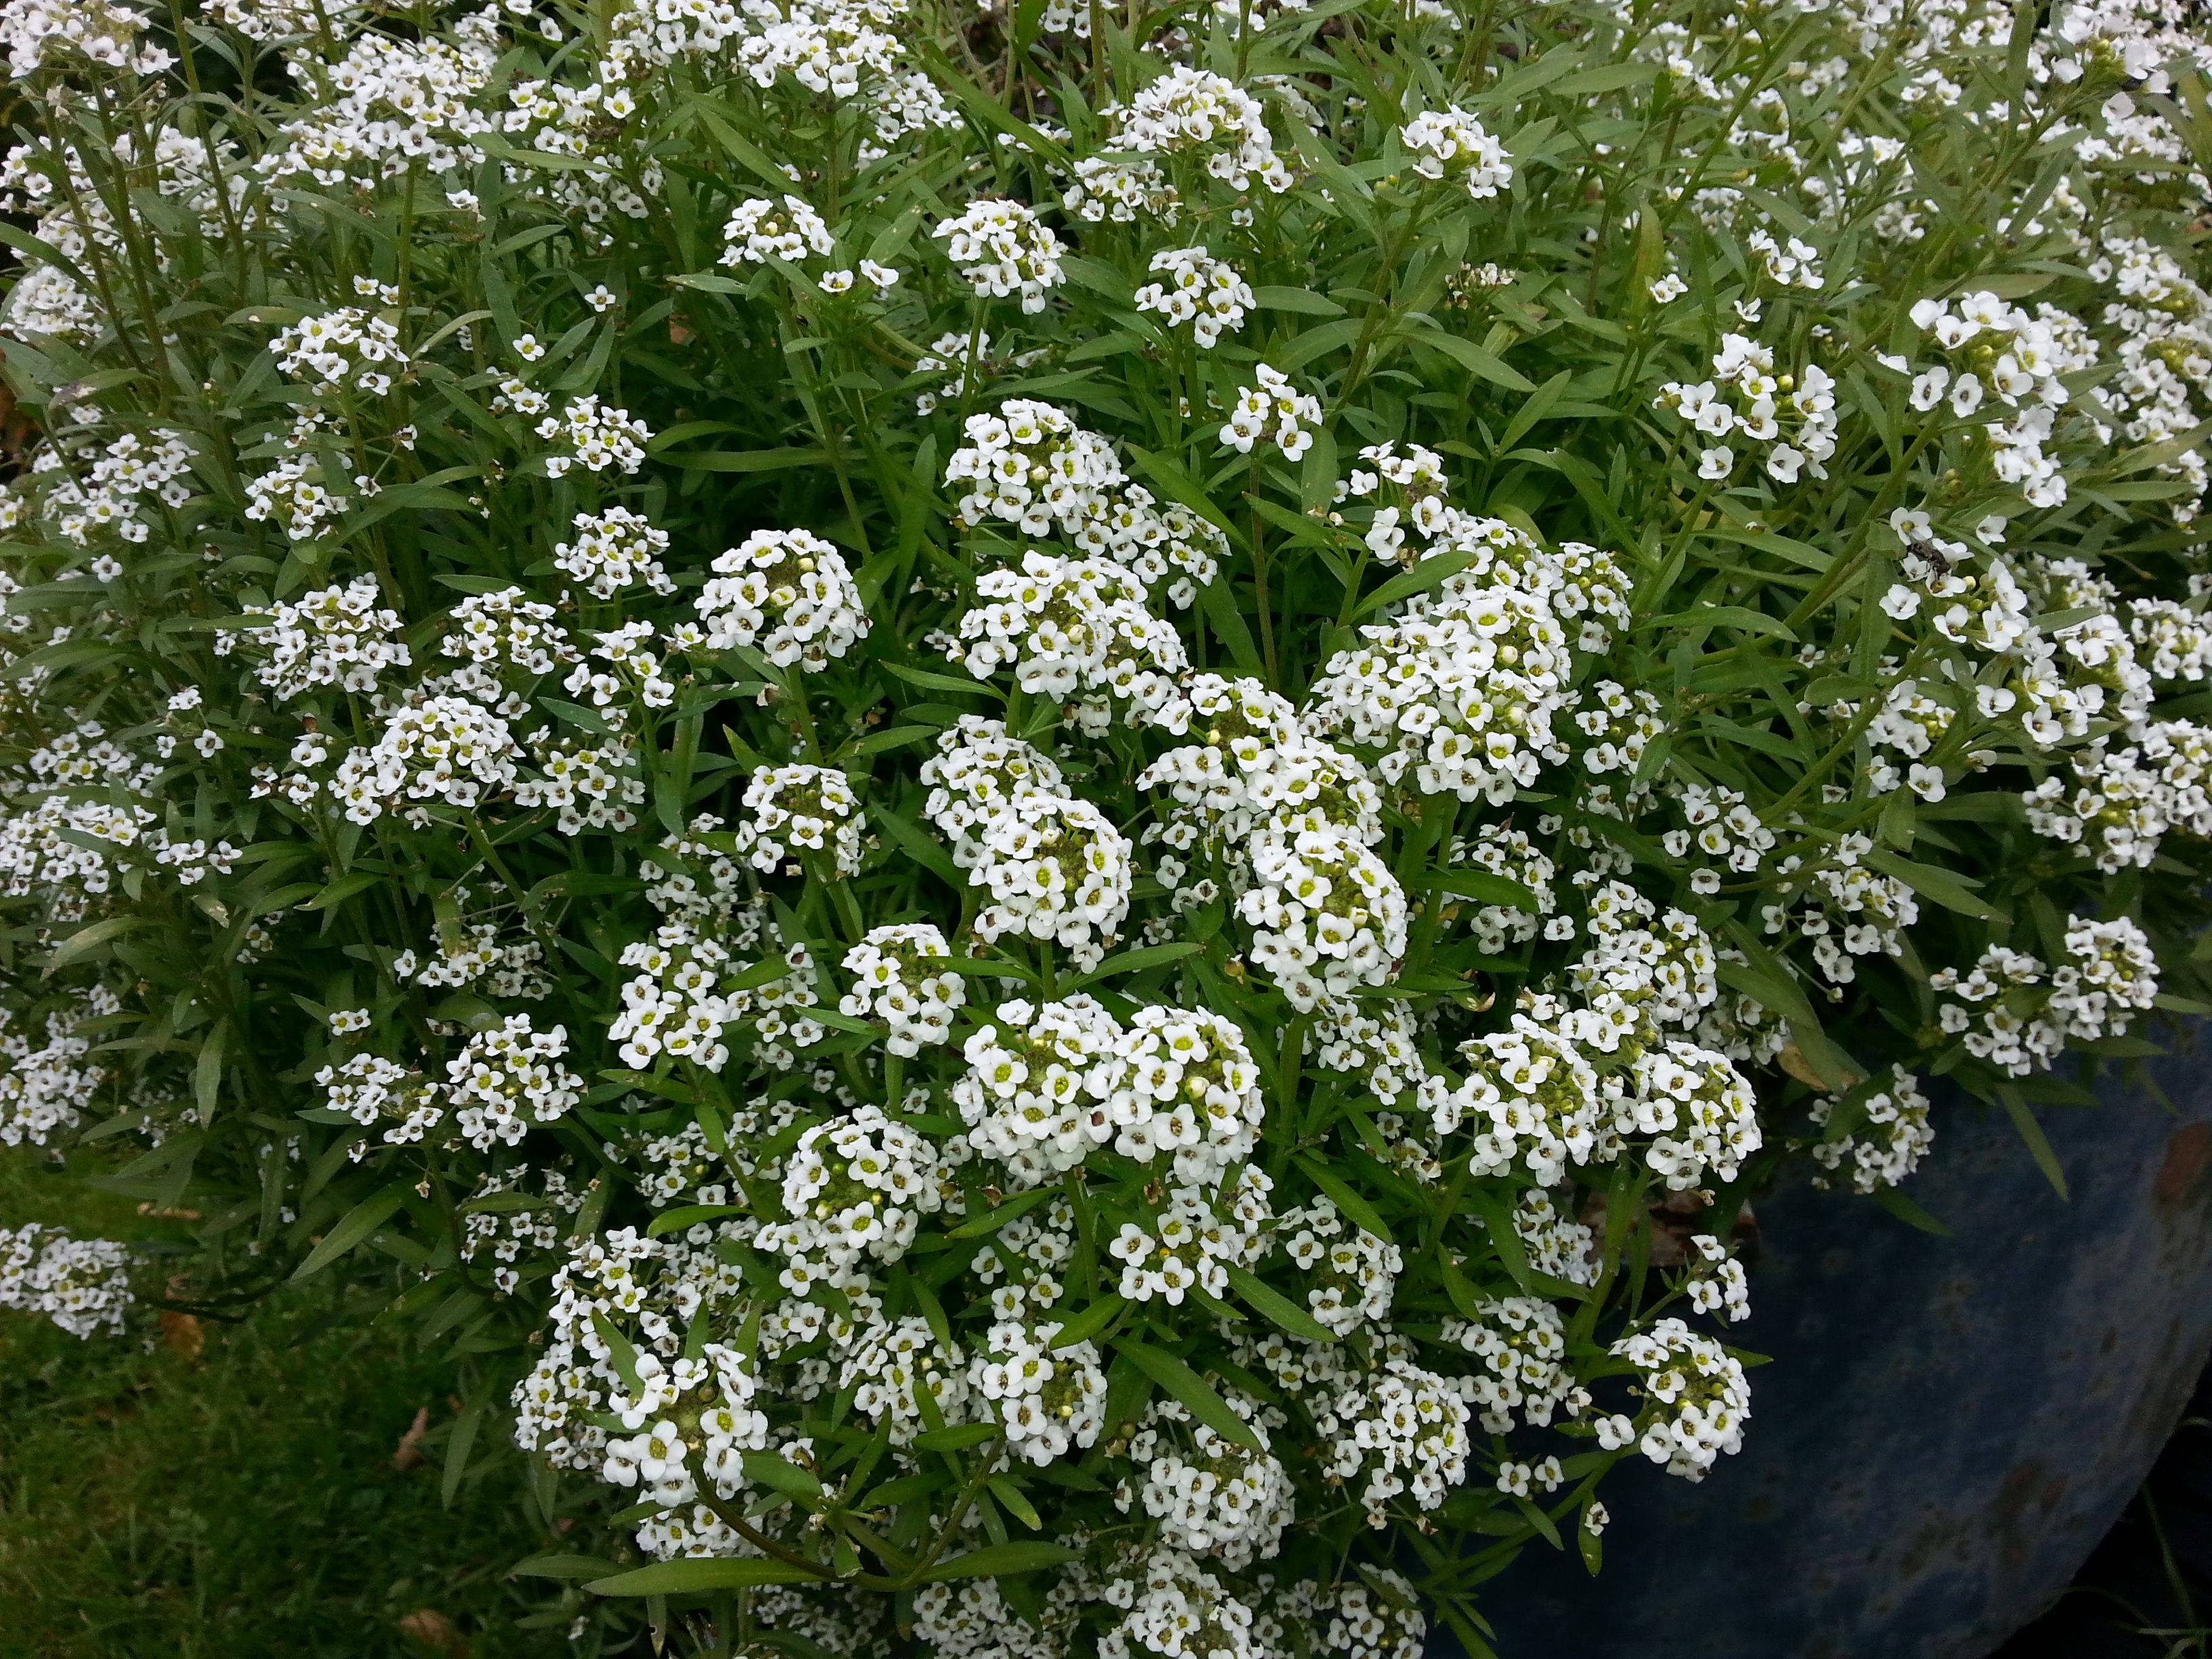 En tiedä kukan nimeä mutta syypuoleen kukkii eikä säikähdä halla öitä, tuoksuu tosi hyvälle